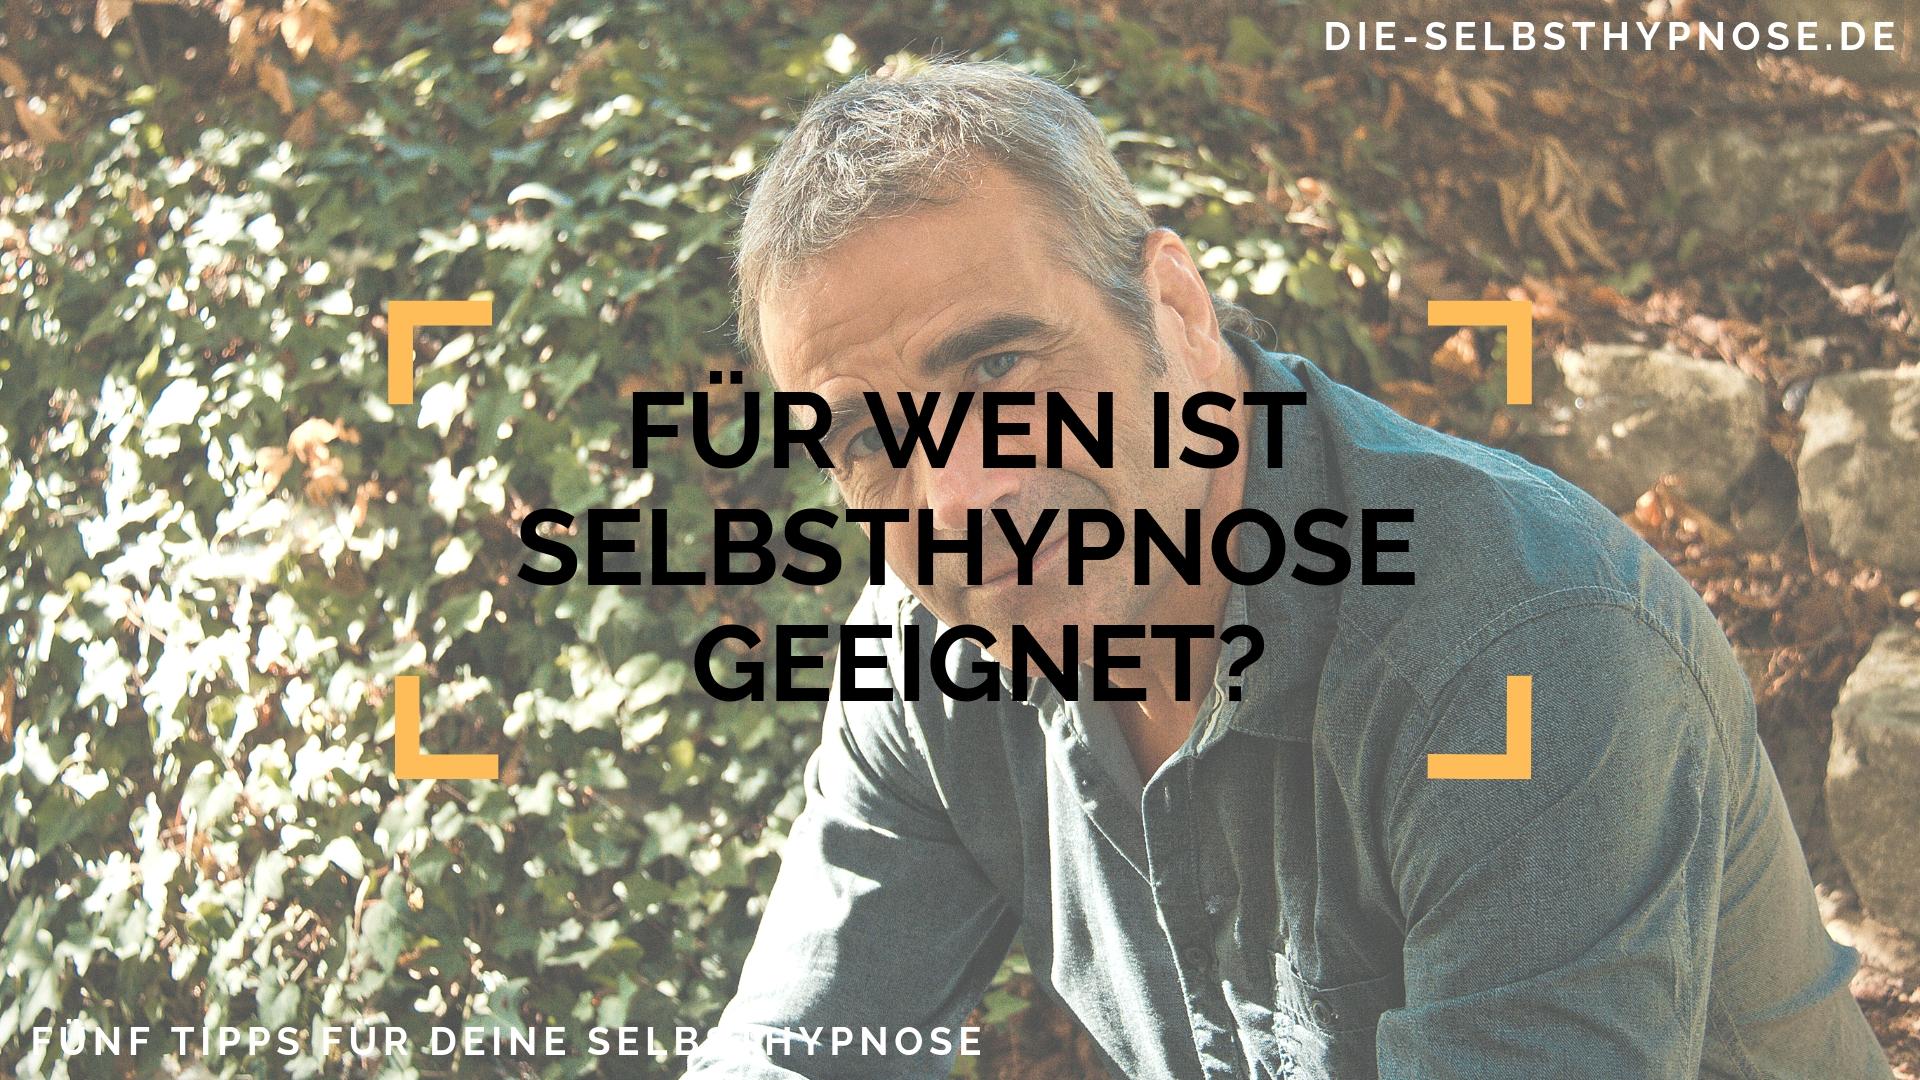 Für wen ist Selbsthypnose geeignet?